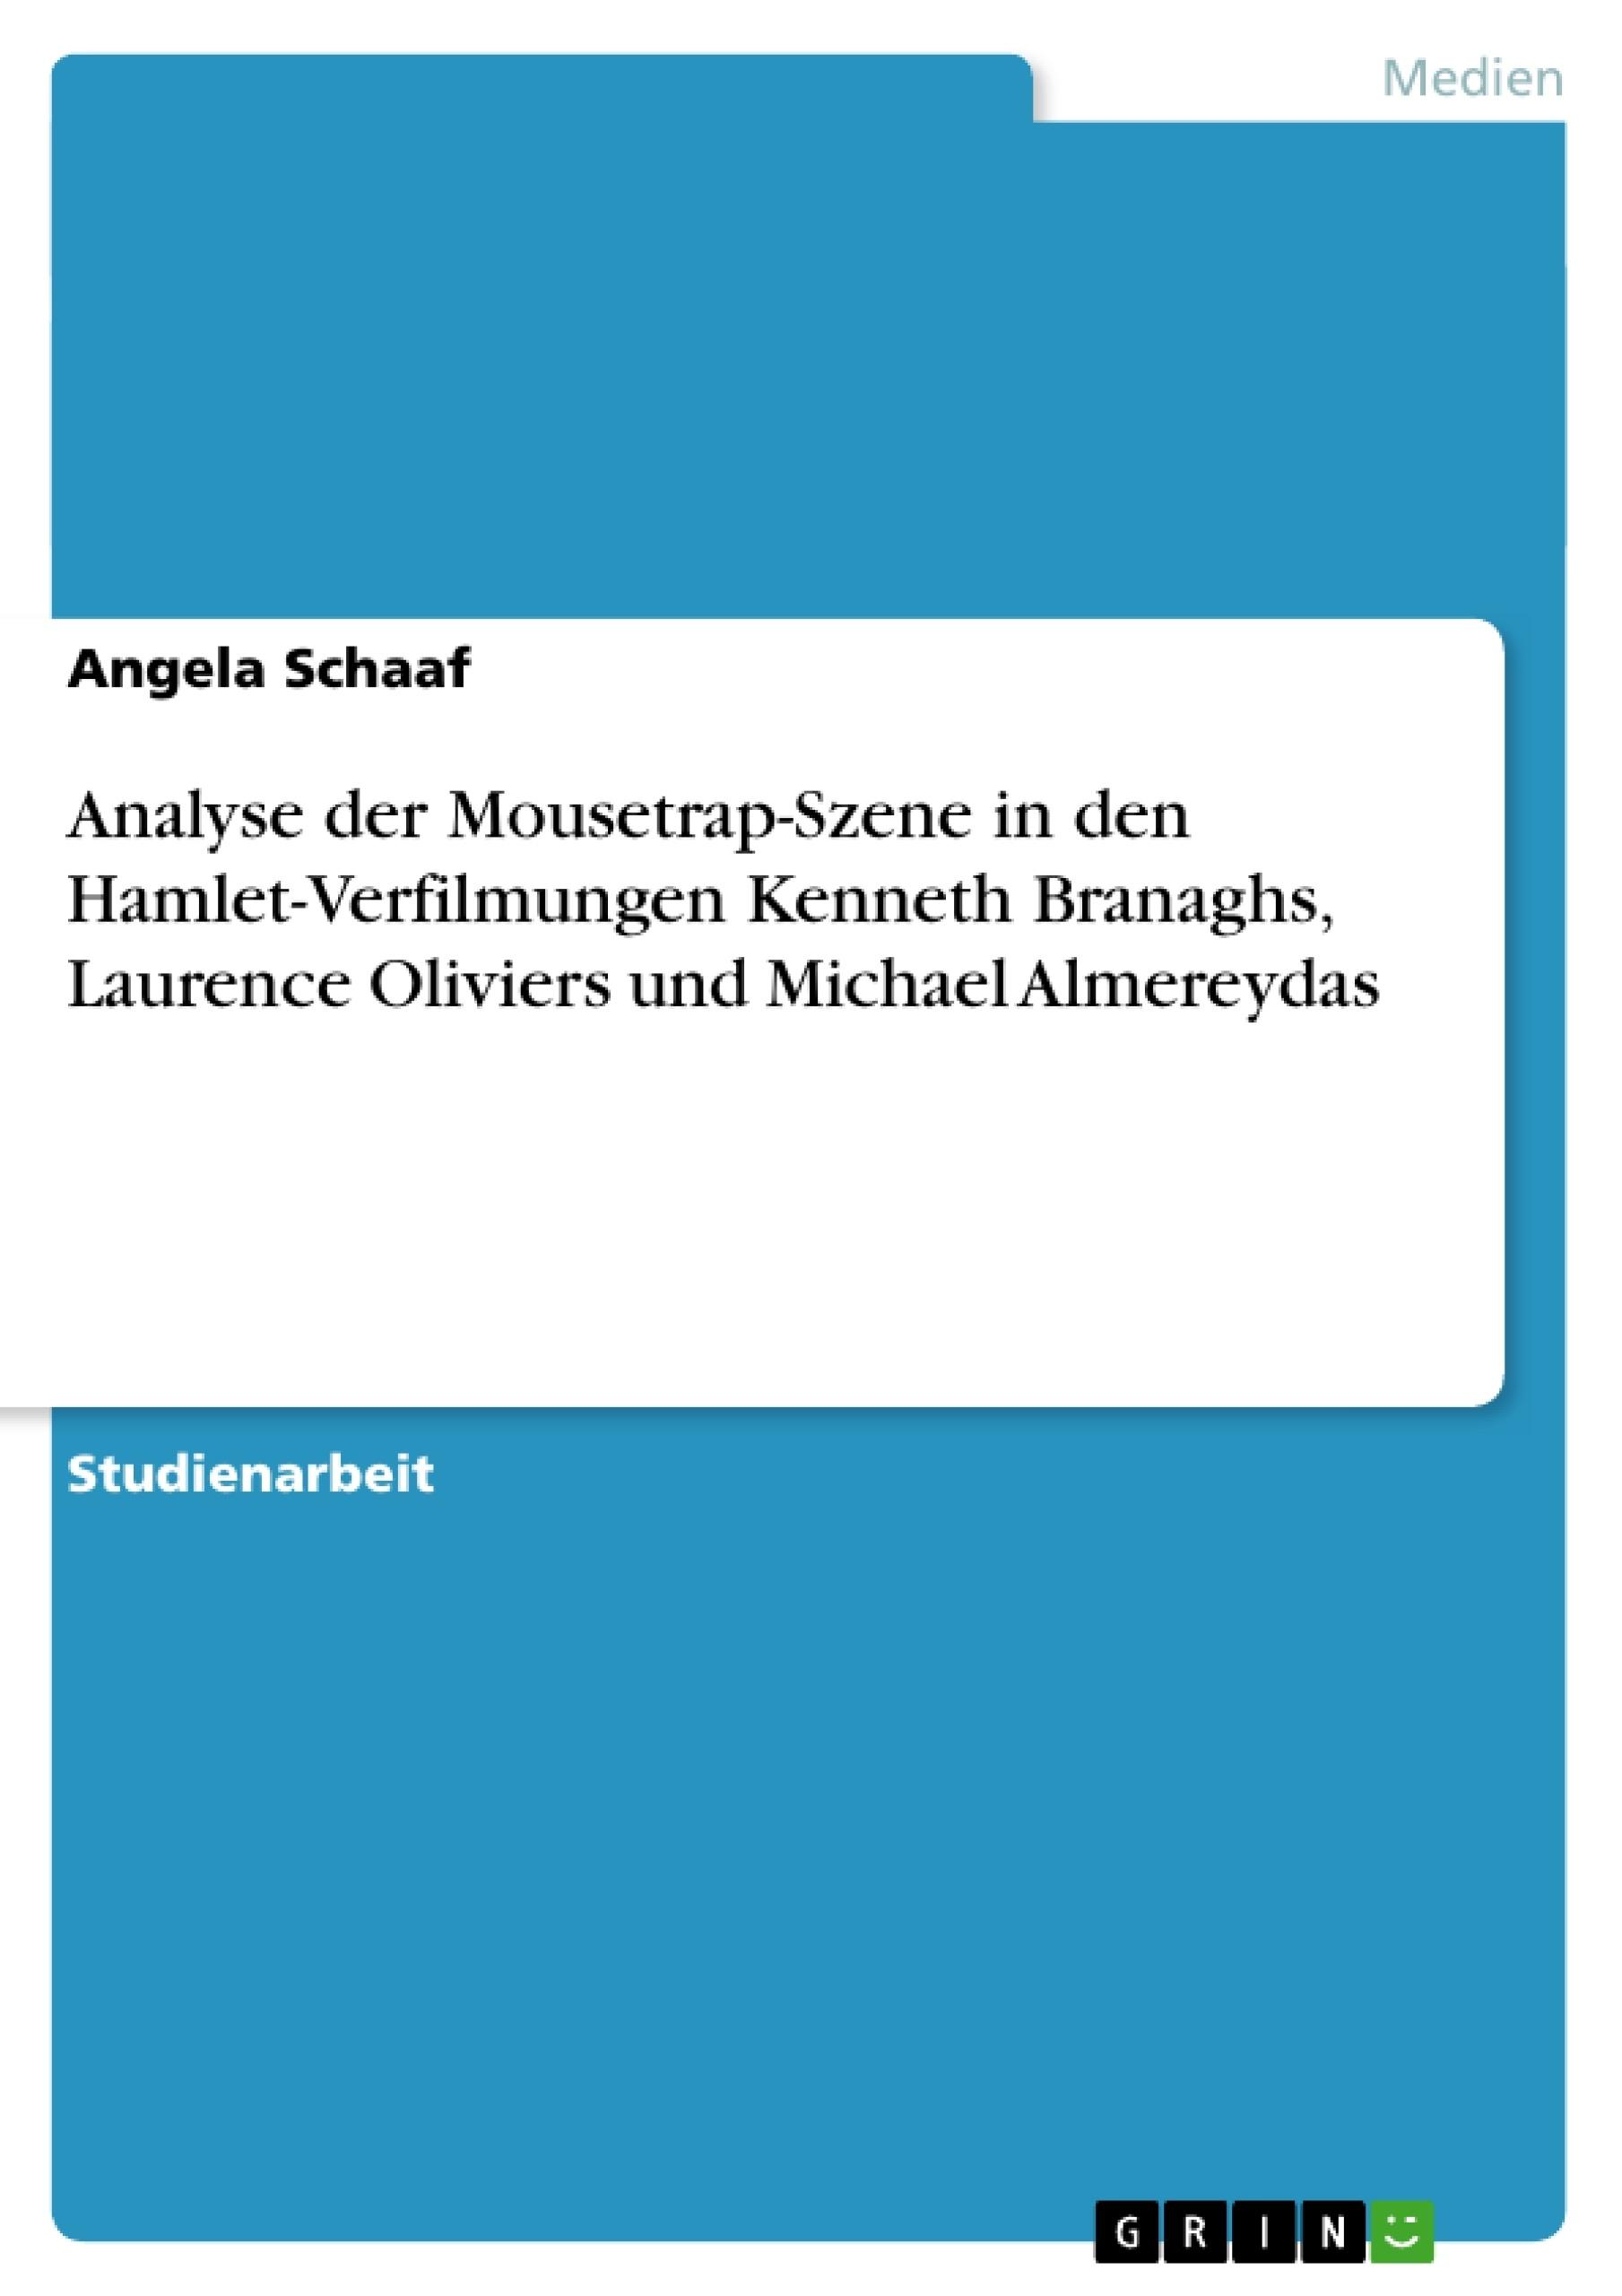 Titel: Analyse der Mousetrap-Szene in den Hamlet-Verfilmungen Kenneth Branaghs, Laurence Oliviers und Michael Almereydas